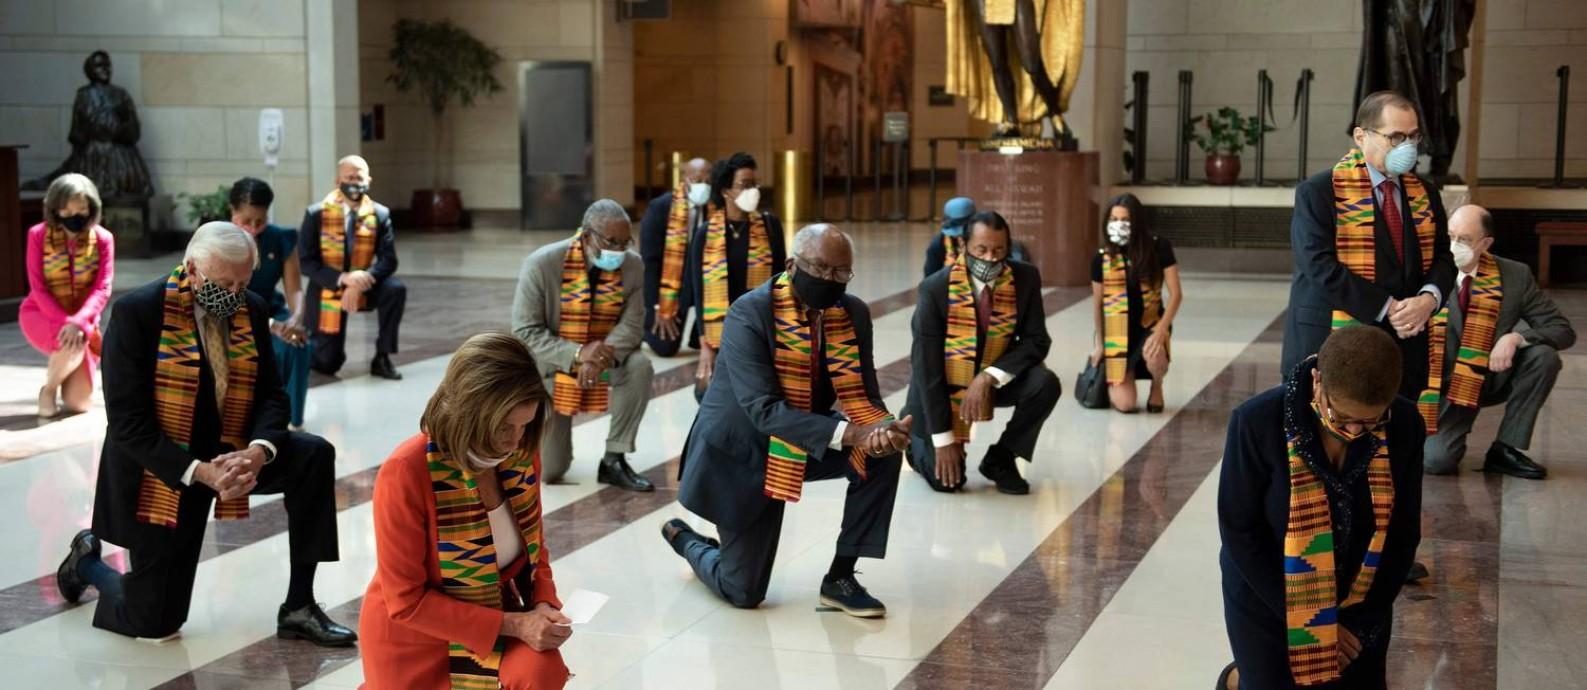 Congressistas democratas se ajoelham, em silêncio, em homenagem a George Floyd no Congresso Foto: BRENDAN SMIALOWSKI / AFP